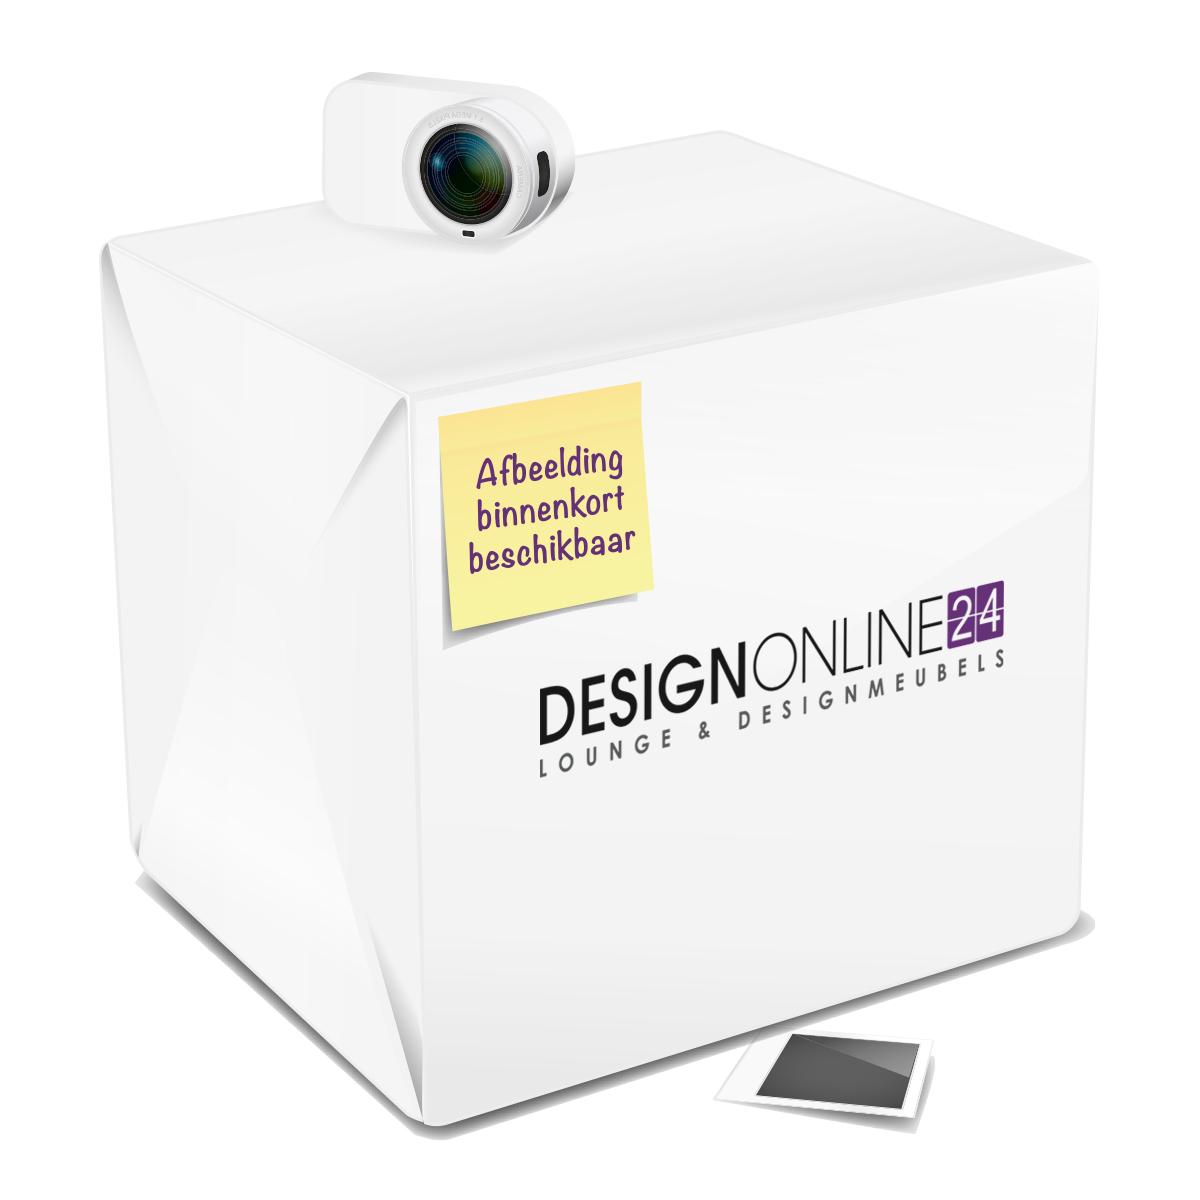 24Designs 24Designs Loungeset voor 4 Personen - Marina - Bruin Polyrattan Wicker met Crème witte kussens